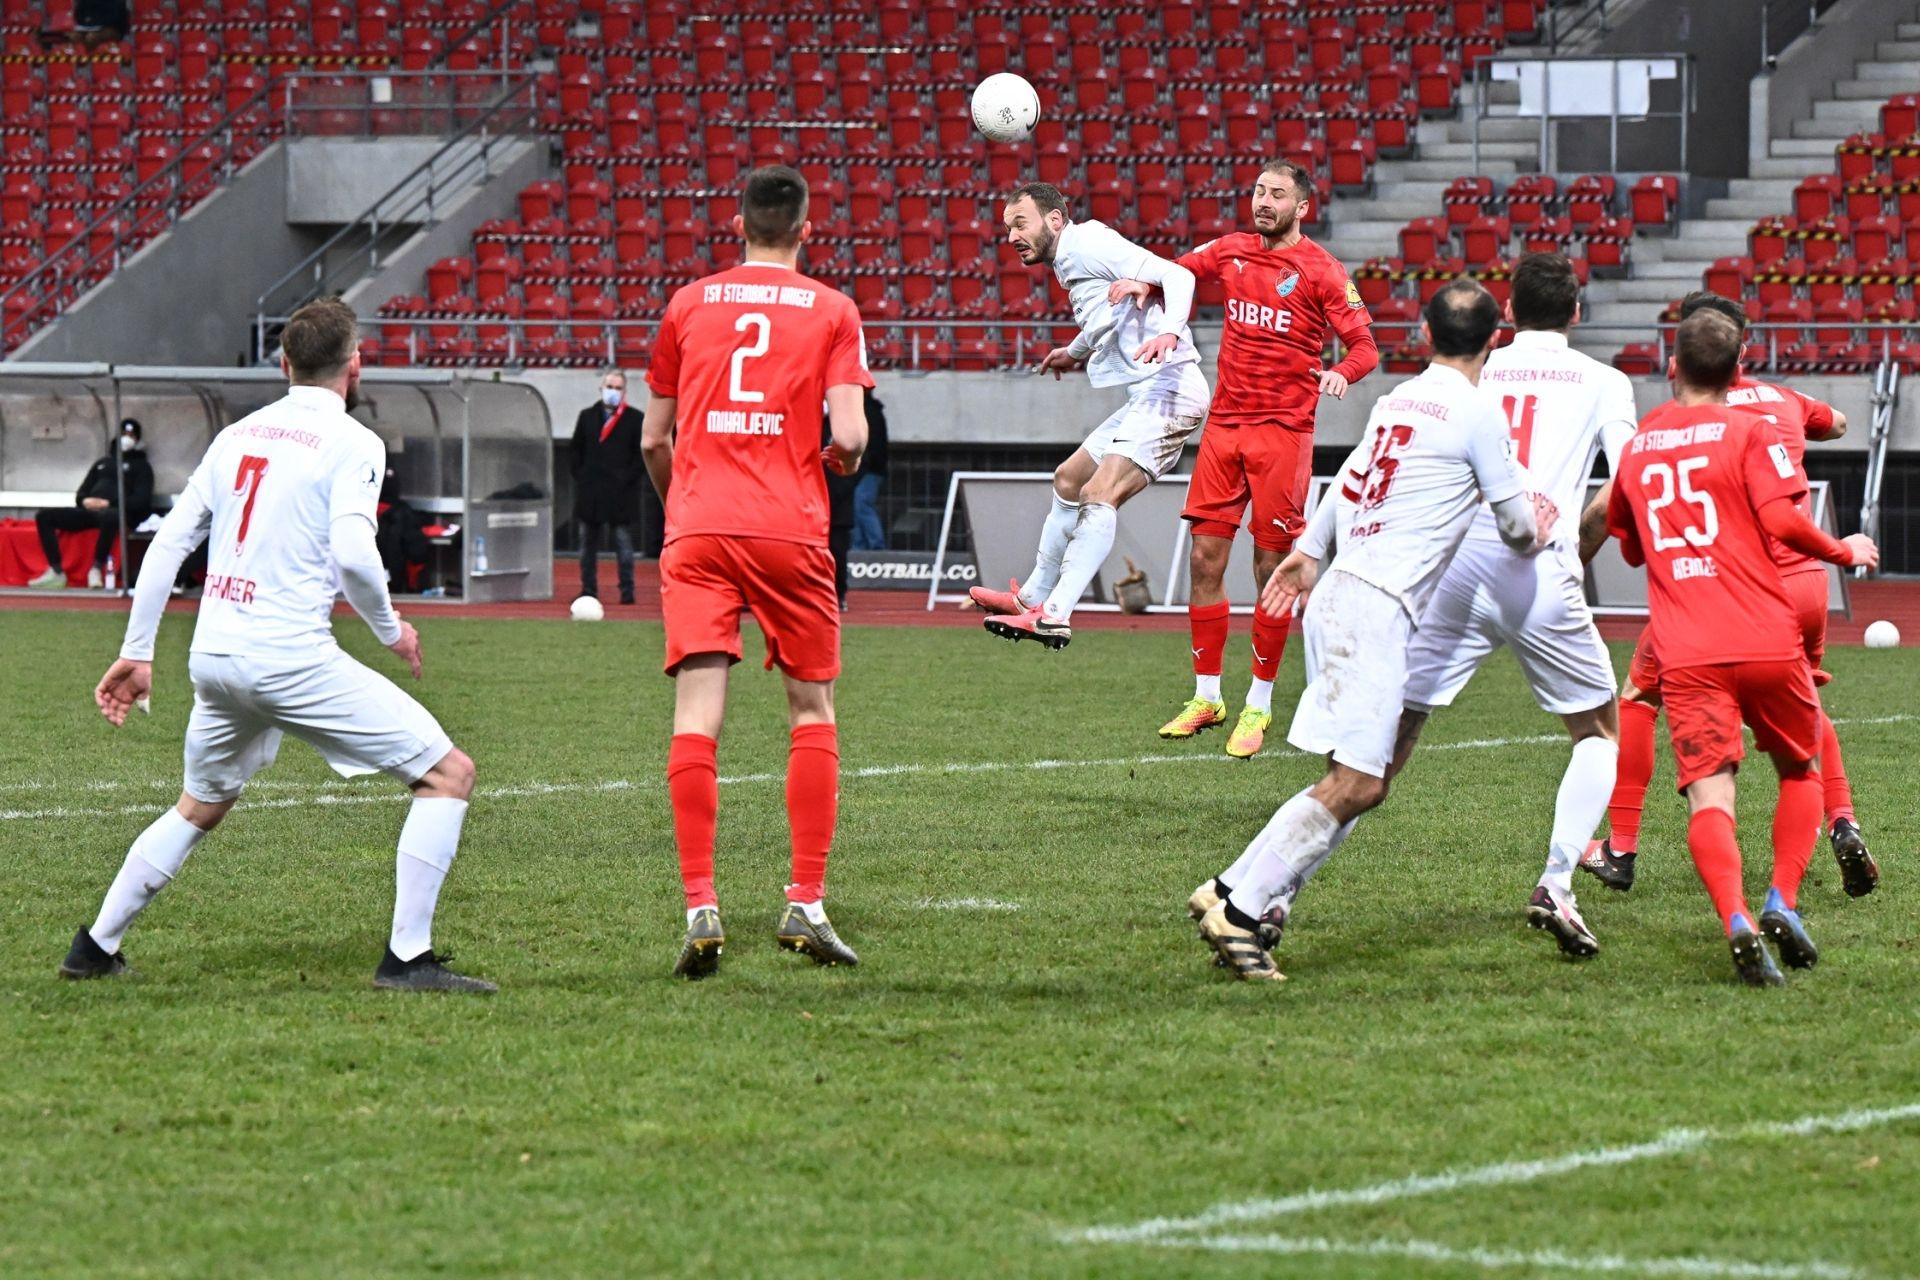 Regionalliga Südwest 2020/21, KSVHessen Kassel, TSV Steinbach Haiger, Endstand 2:1, Robin Urban